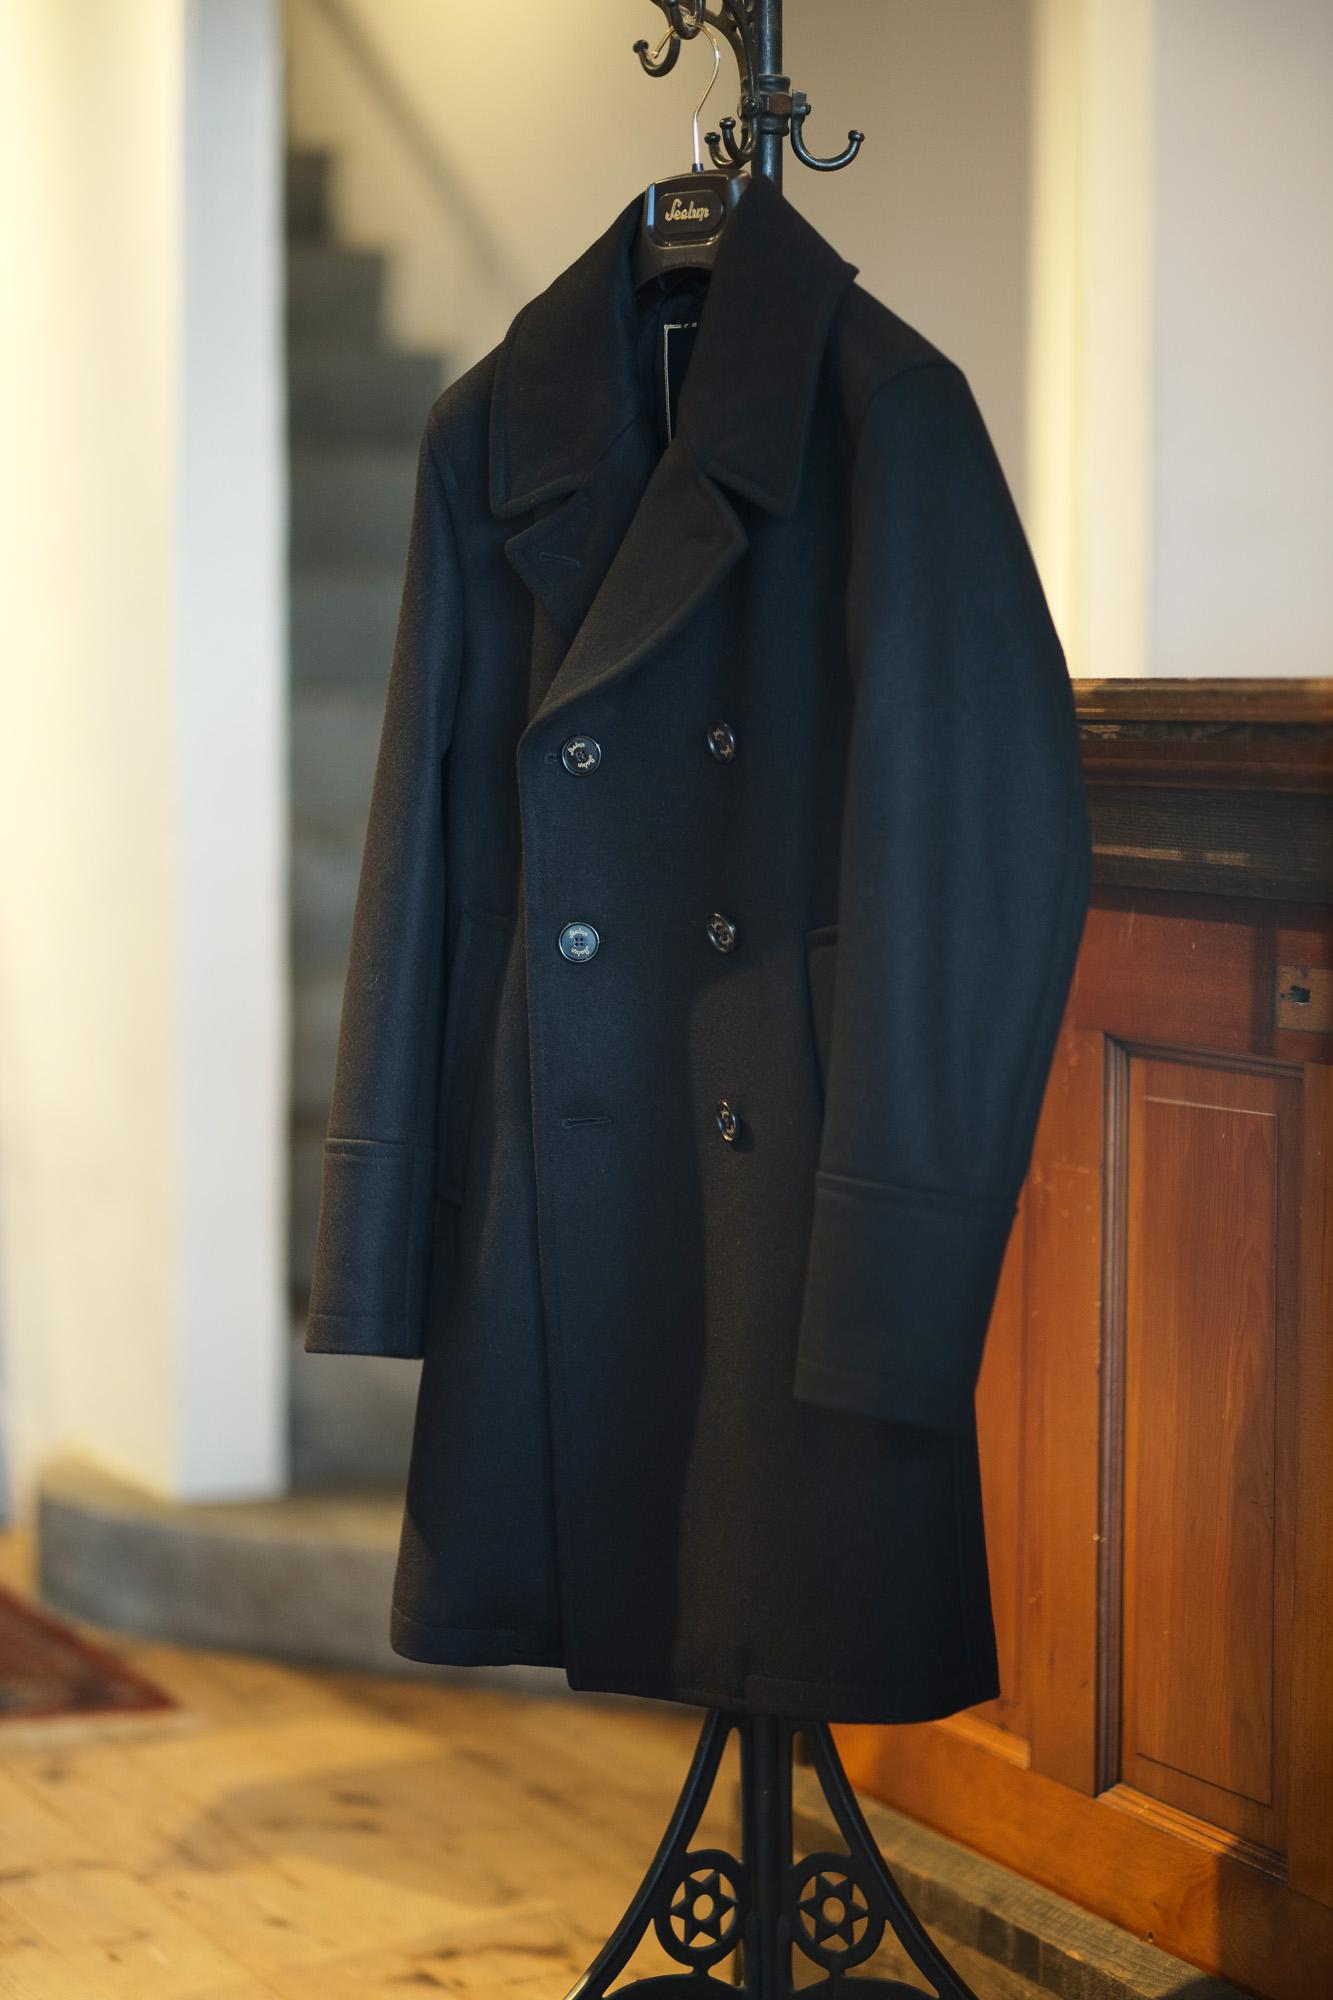 Sealup(シーラップ) GENOVA(ジェノバ) 50002 7591 01 メルトンウール サーモアライニング ロングPコート  BLACK (ブラック・36) MADE IN ITALY(イタリア製) 2019 秋冬新作 【入荷しました】【フリー分発売開始】シーラップ 愛知 名古屋 Alto e Diritto アルト エ デリット Pコート コート coat